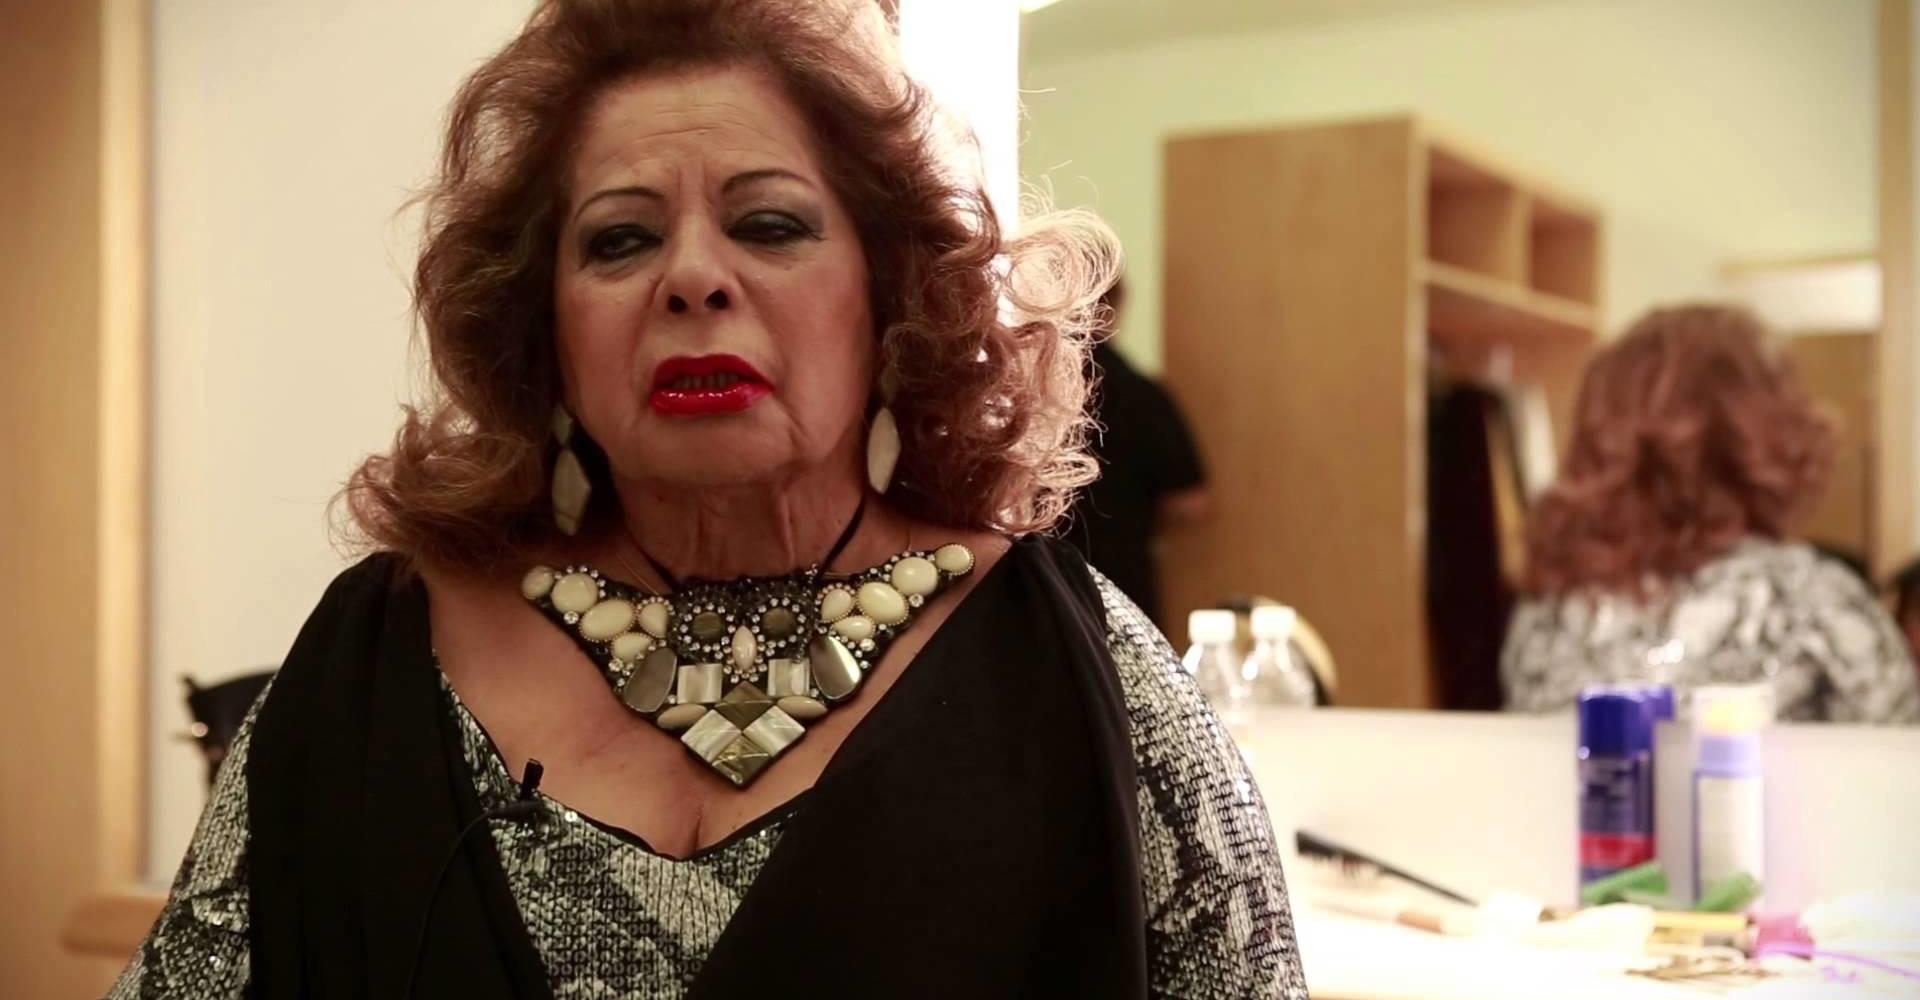 Morre em São Paulo, aos 89 anos, a cantora Angela Maria